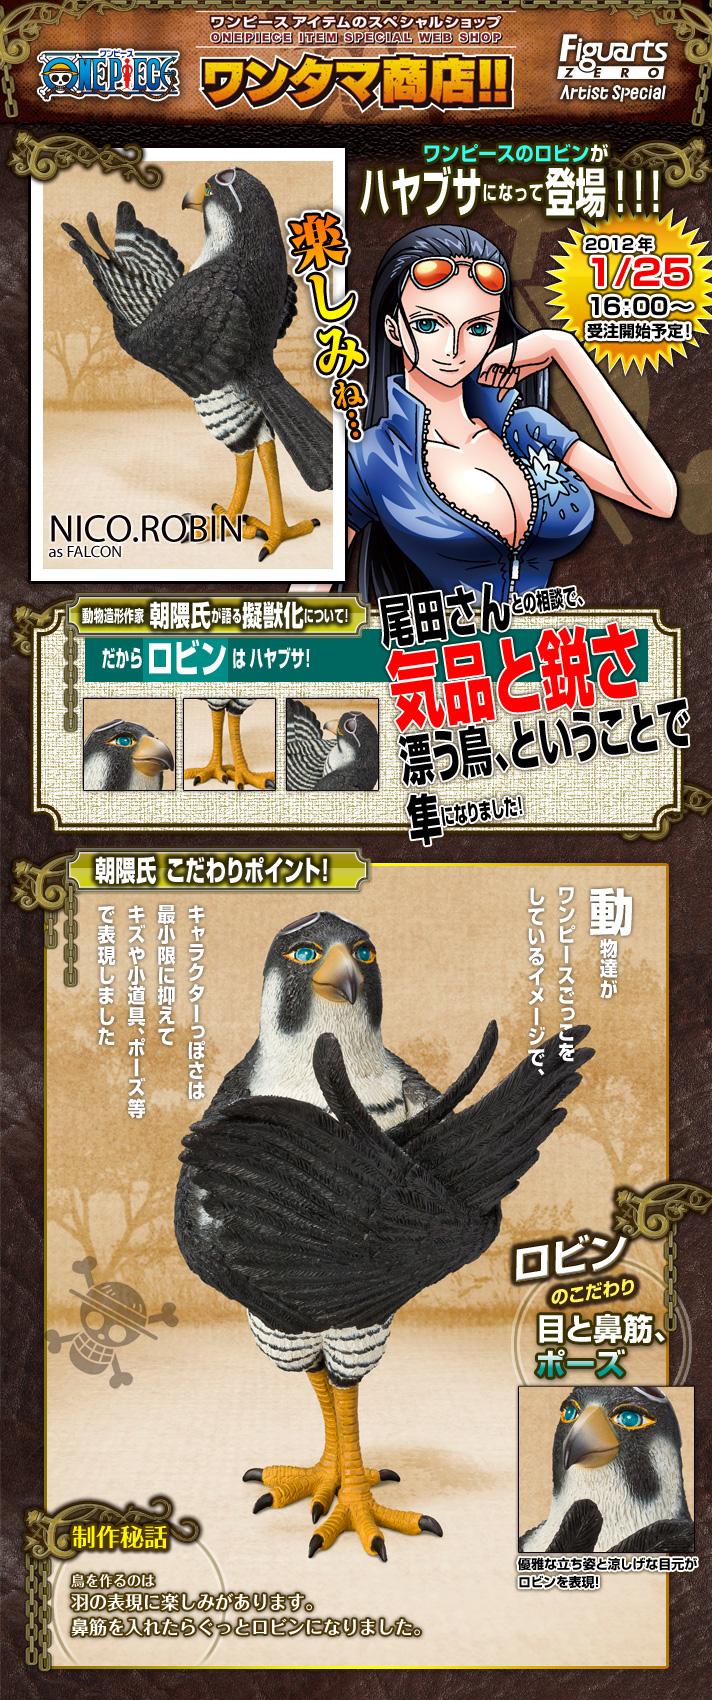 魂ウェブ商店 プレミアムバンダイ店   Figuarts ZERO Artist Specialニコ・ロビン as ハヤブサ